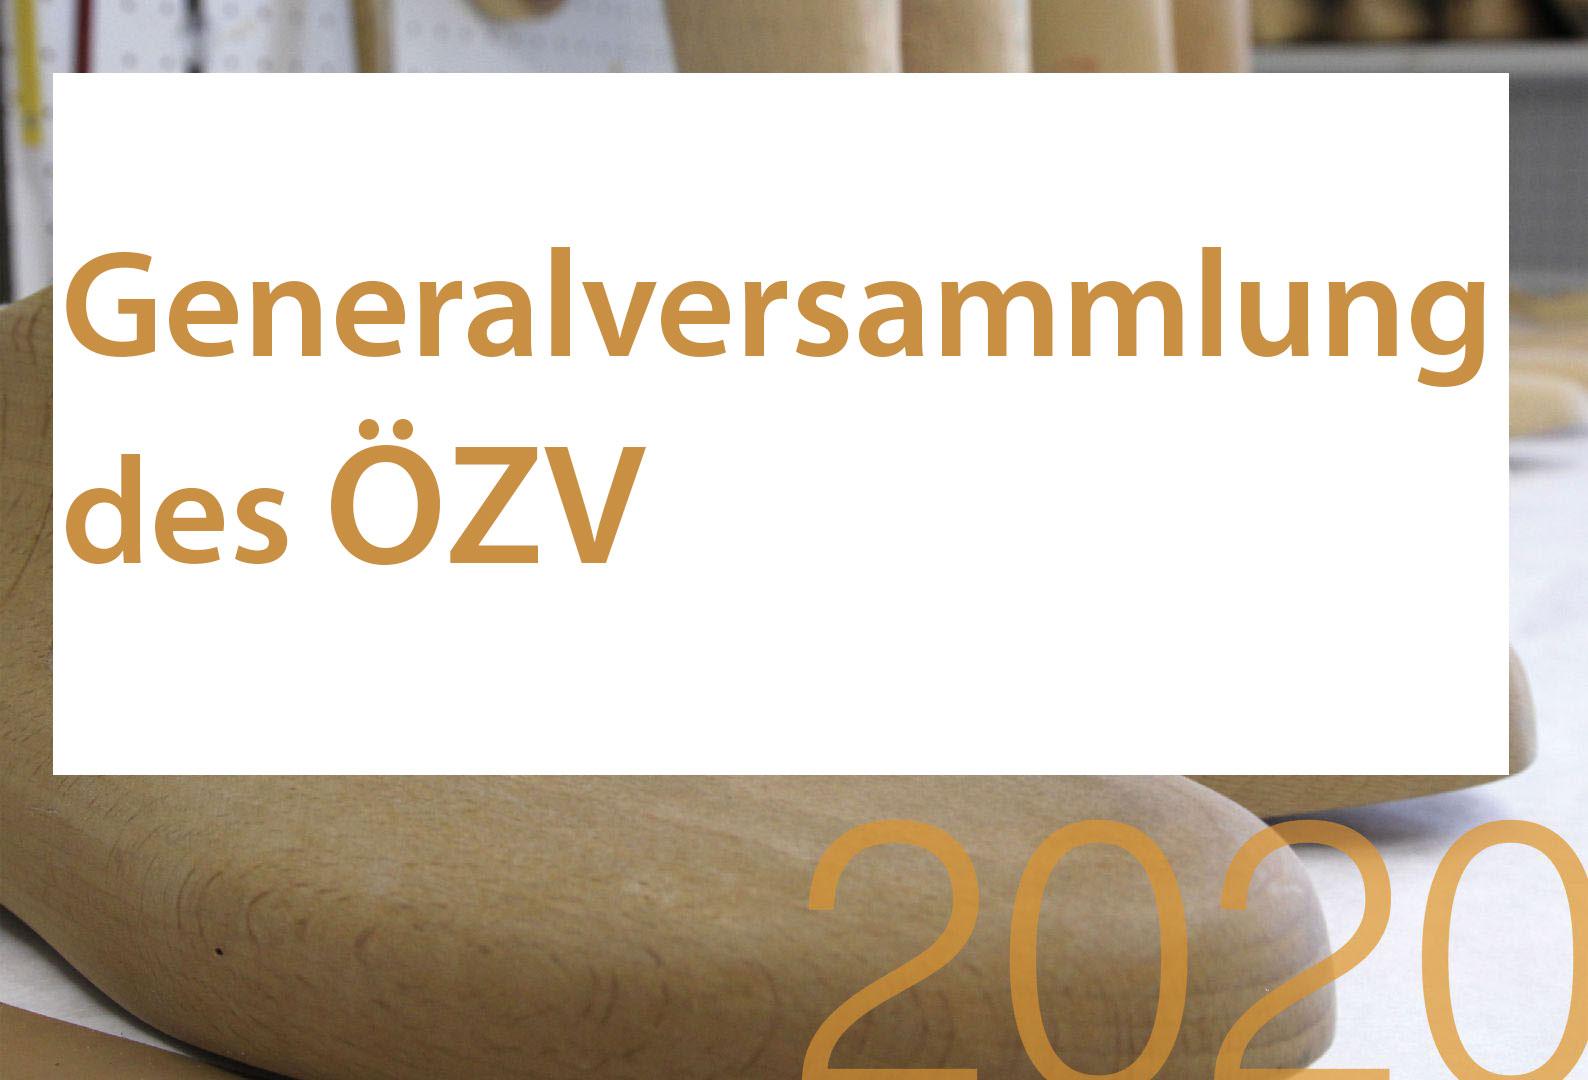 Generalversammlung des ÖZV am 02.10.2021 im Hotel Royer in Schladming